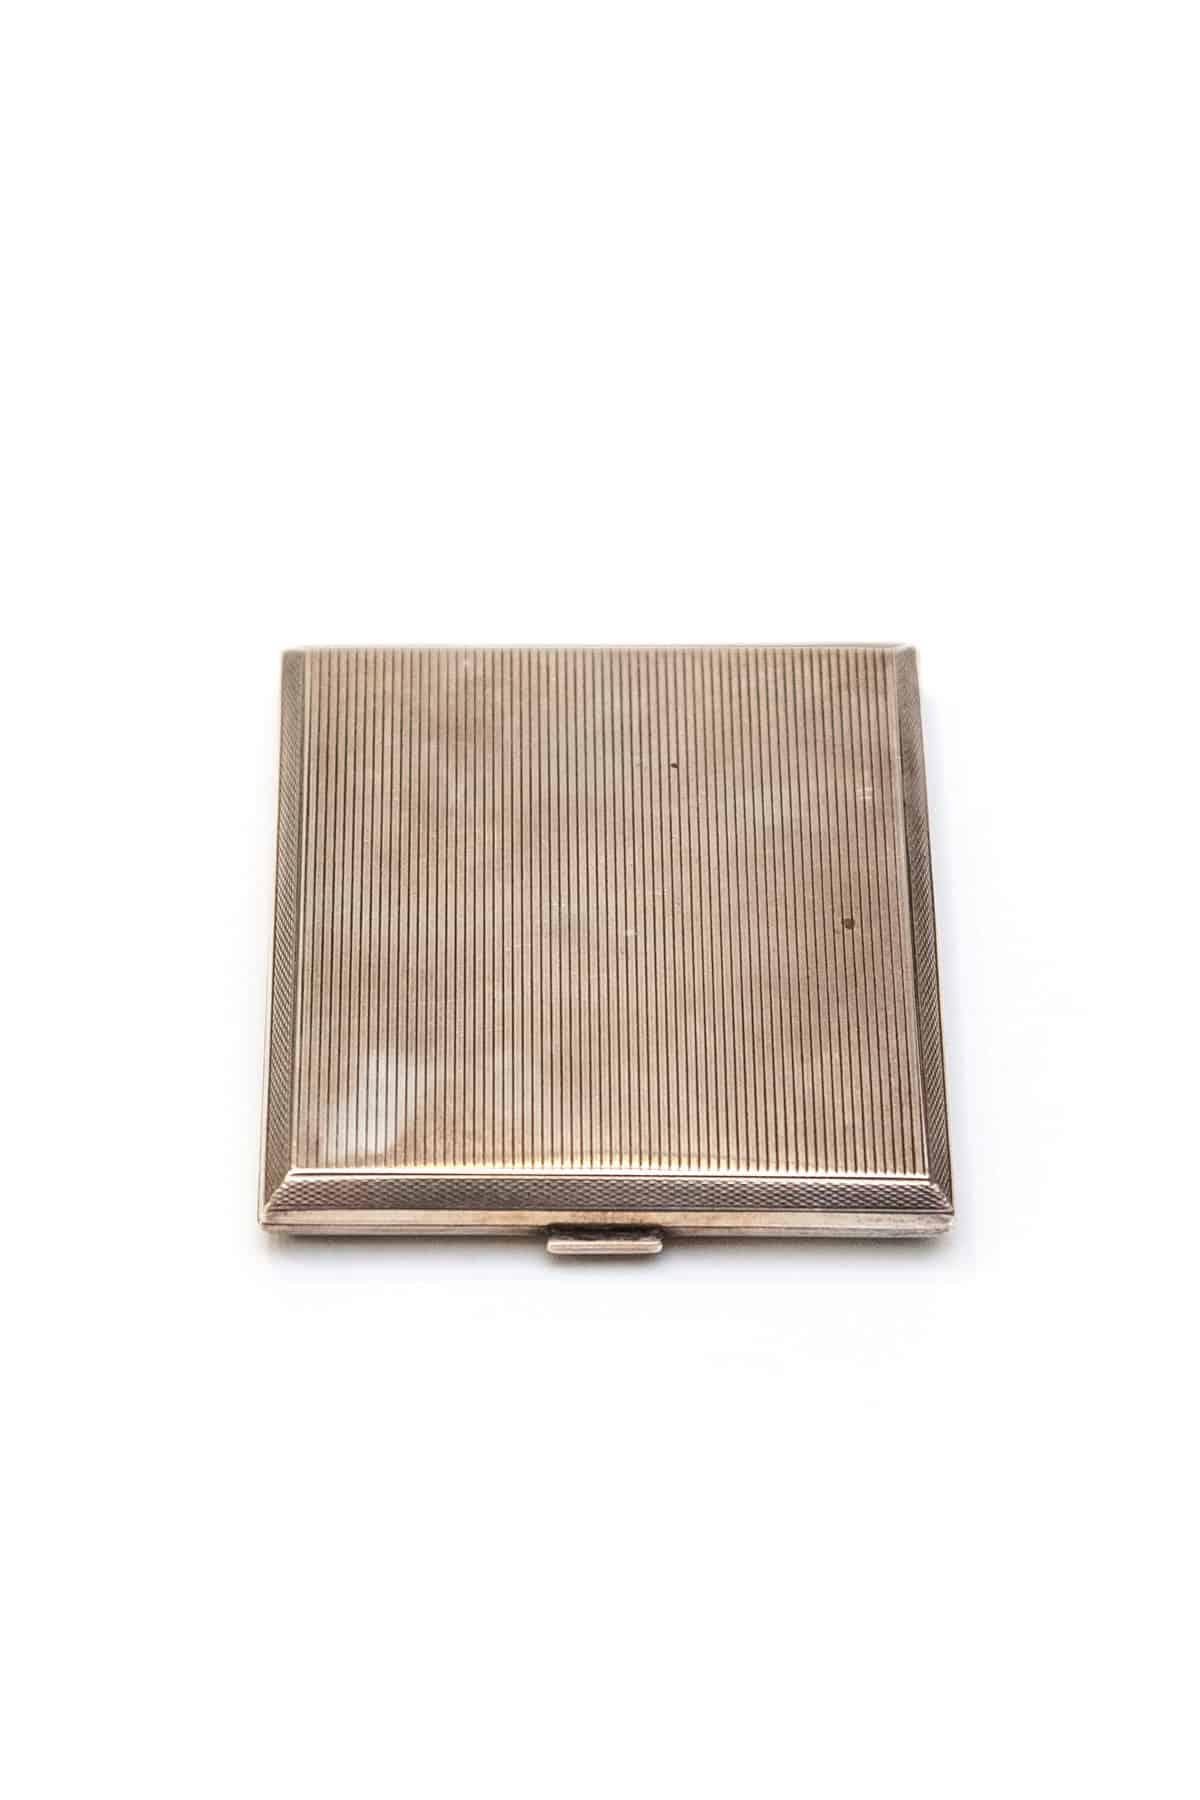 Английский серебряный портсигар